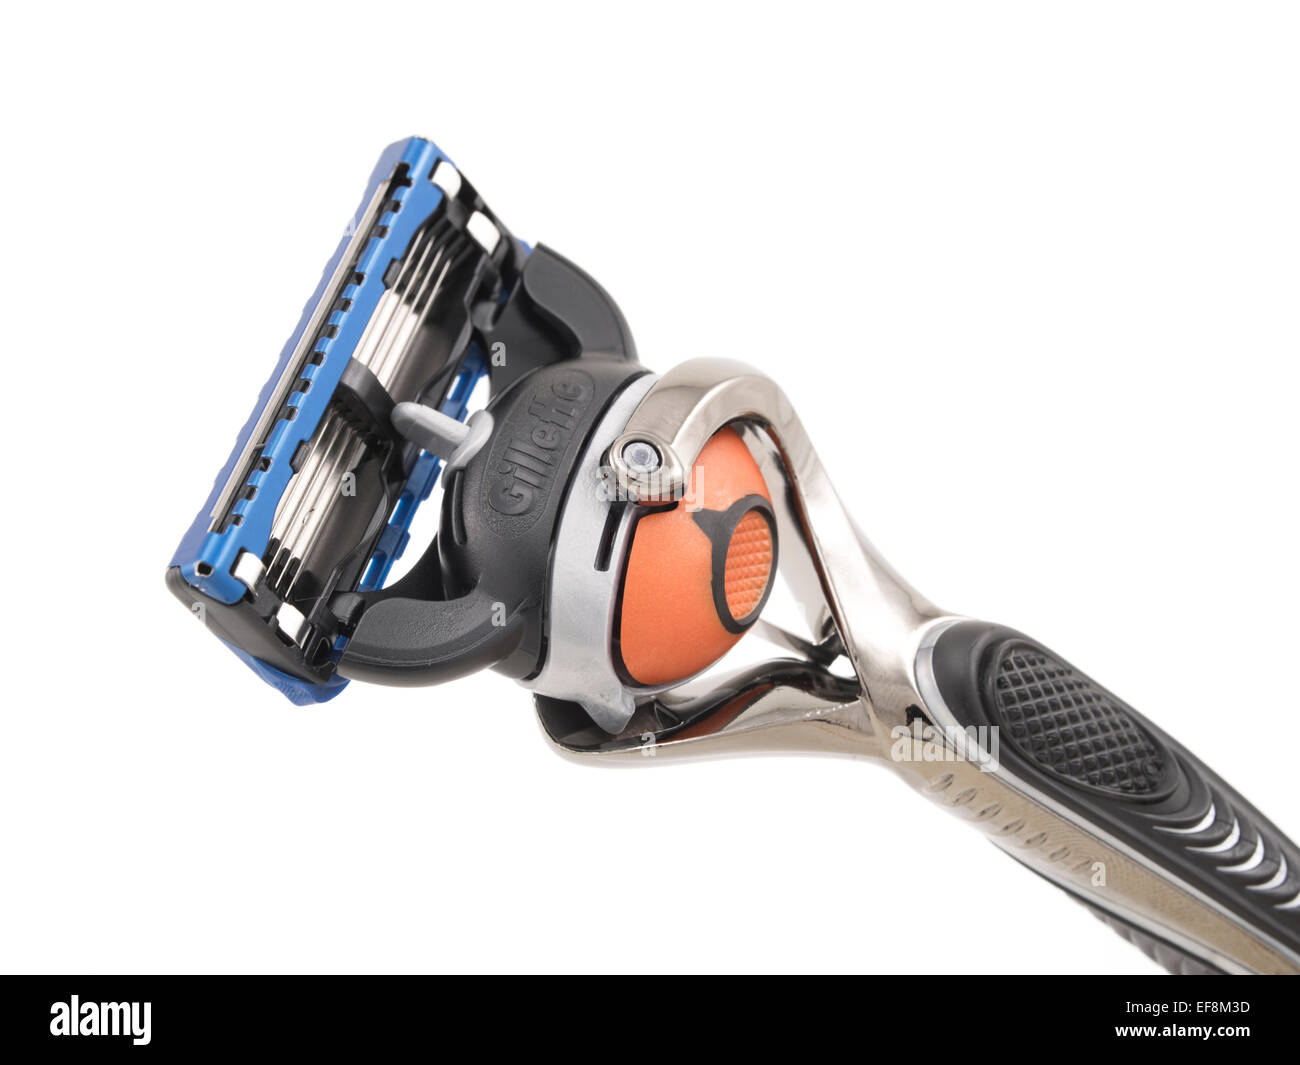 Gillette Proglide Fusion rasoio usa e getta con Flexball per la rasatura / per la cura del corpo maschile Immagini Stock